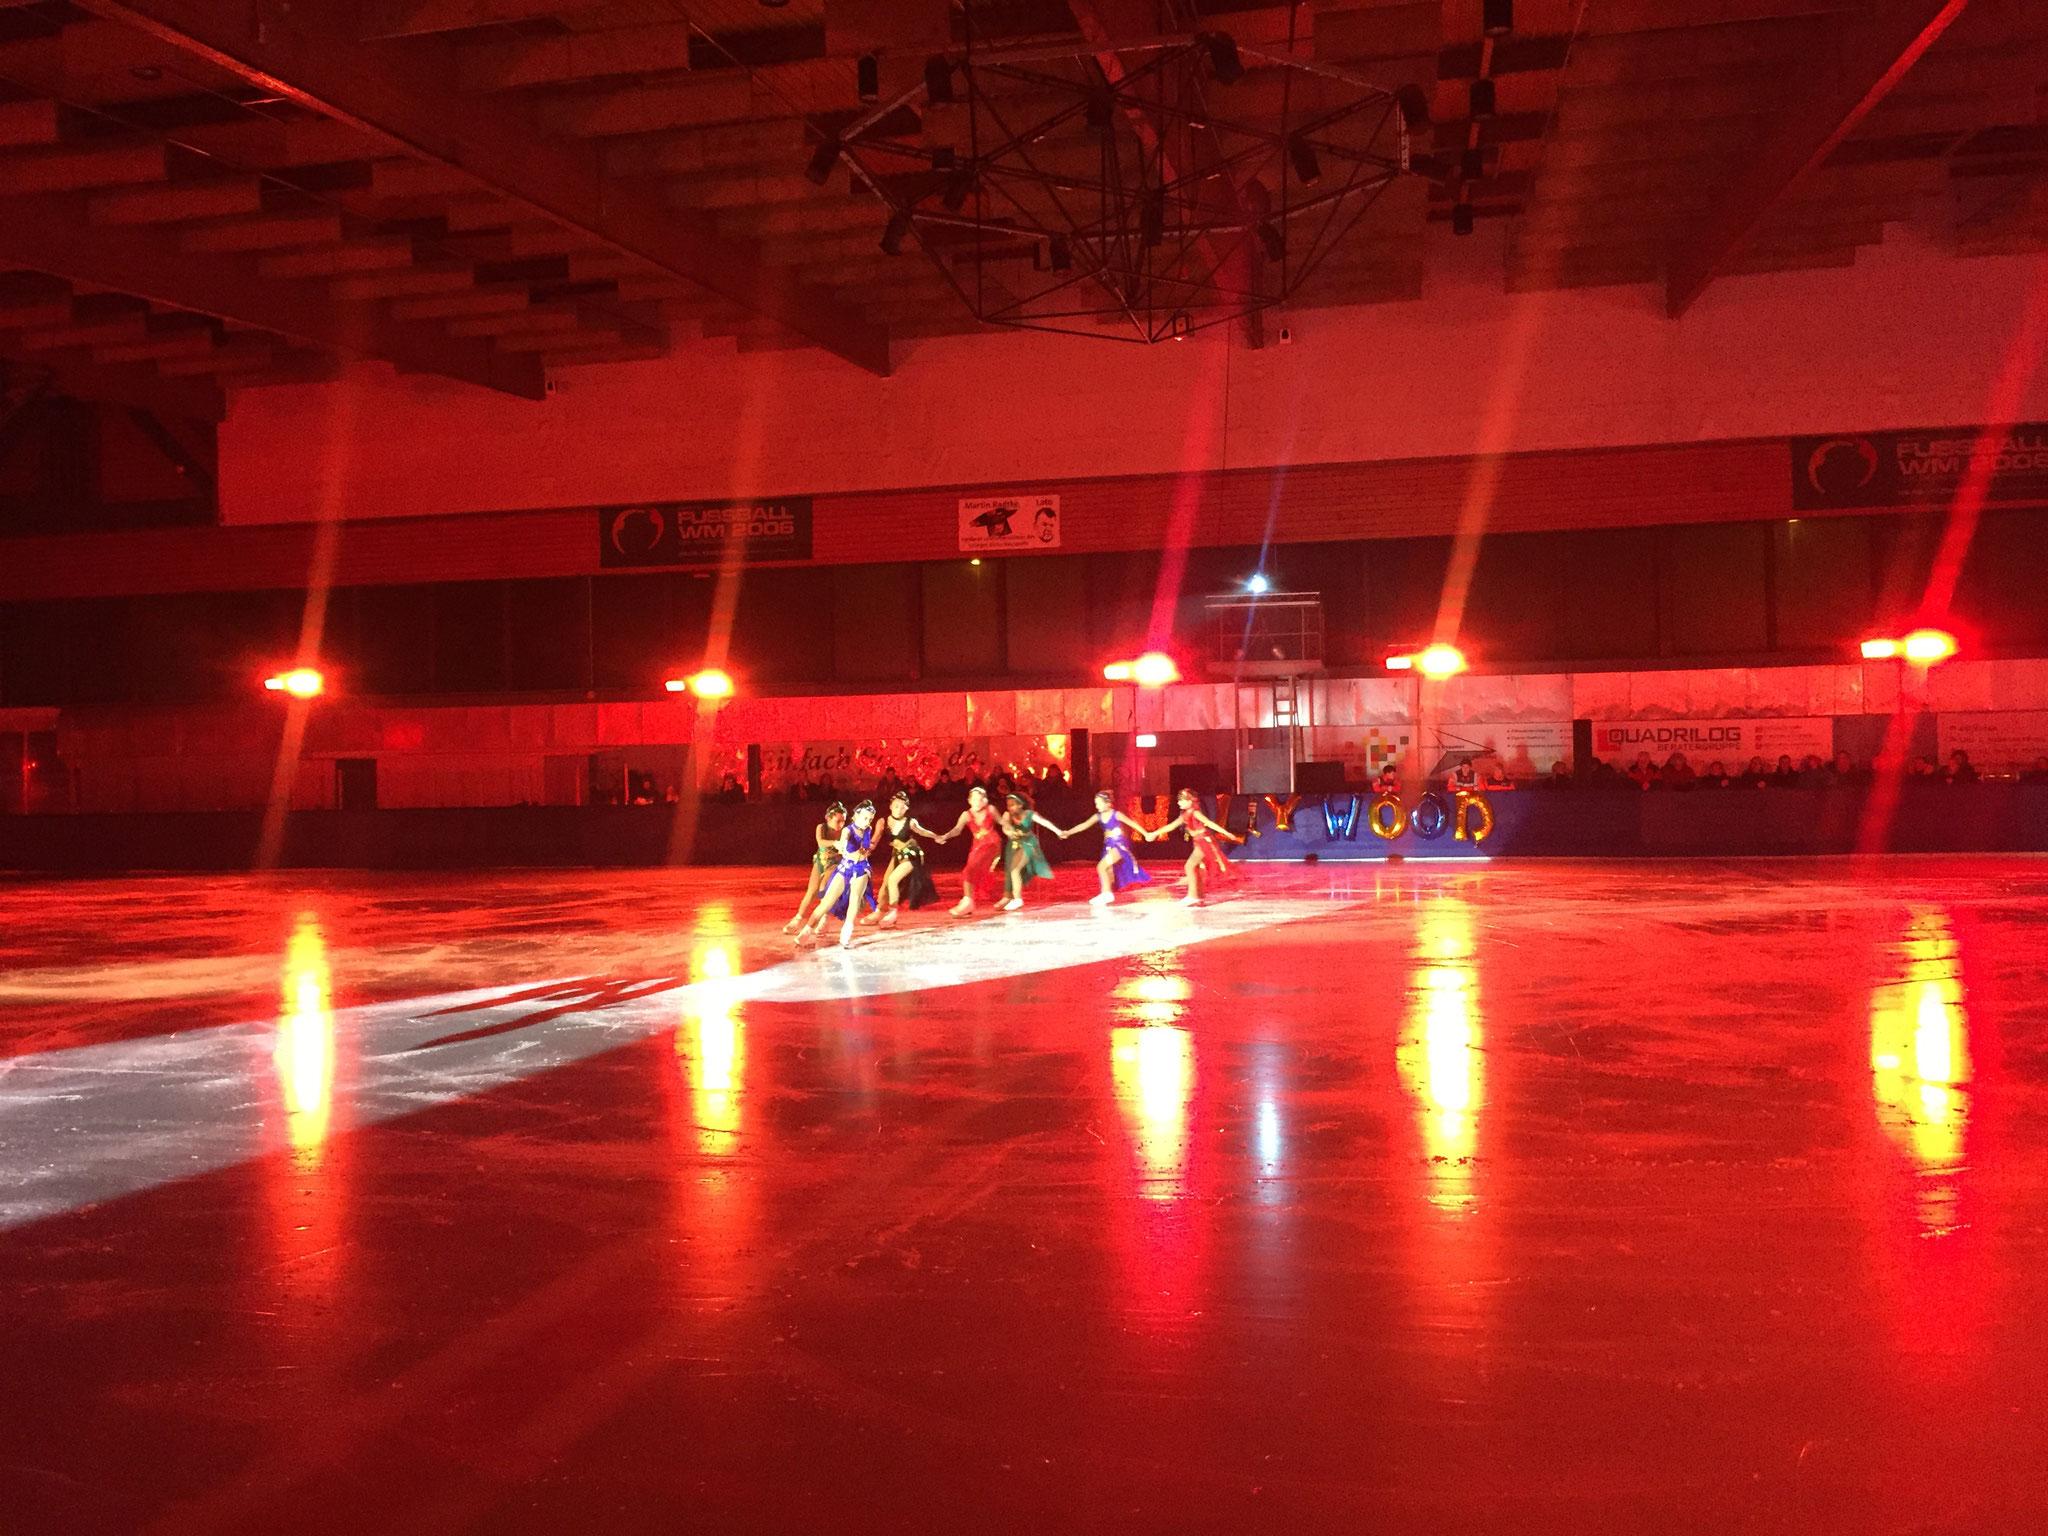 39. Weihnachtszauber Eiskunstlauf 2019 - Lichttechnik